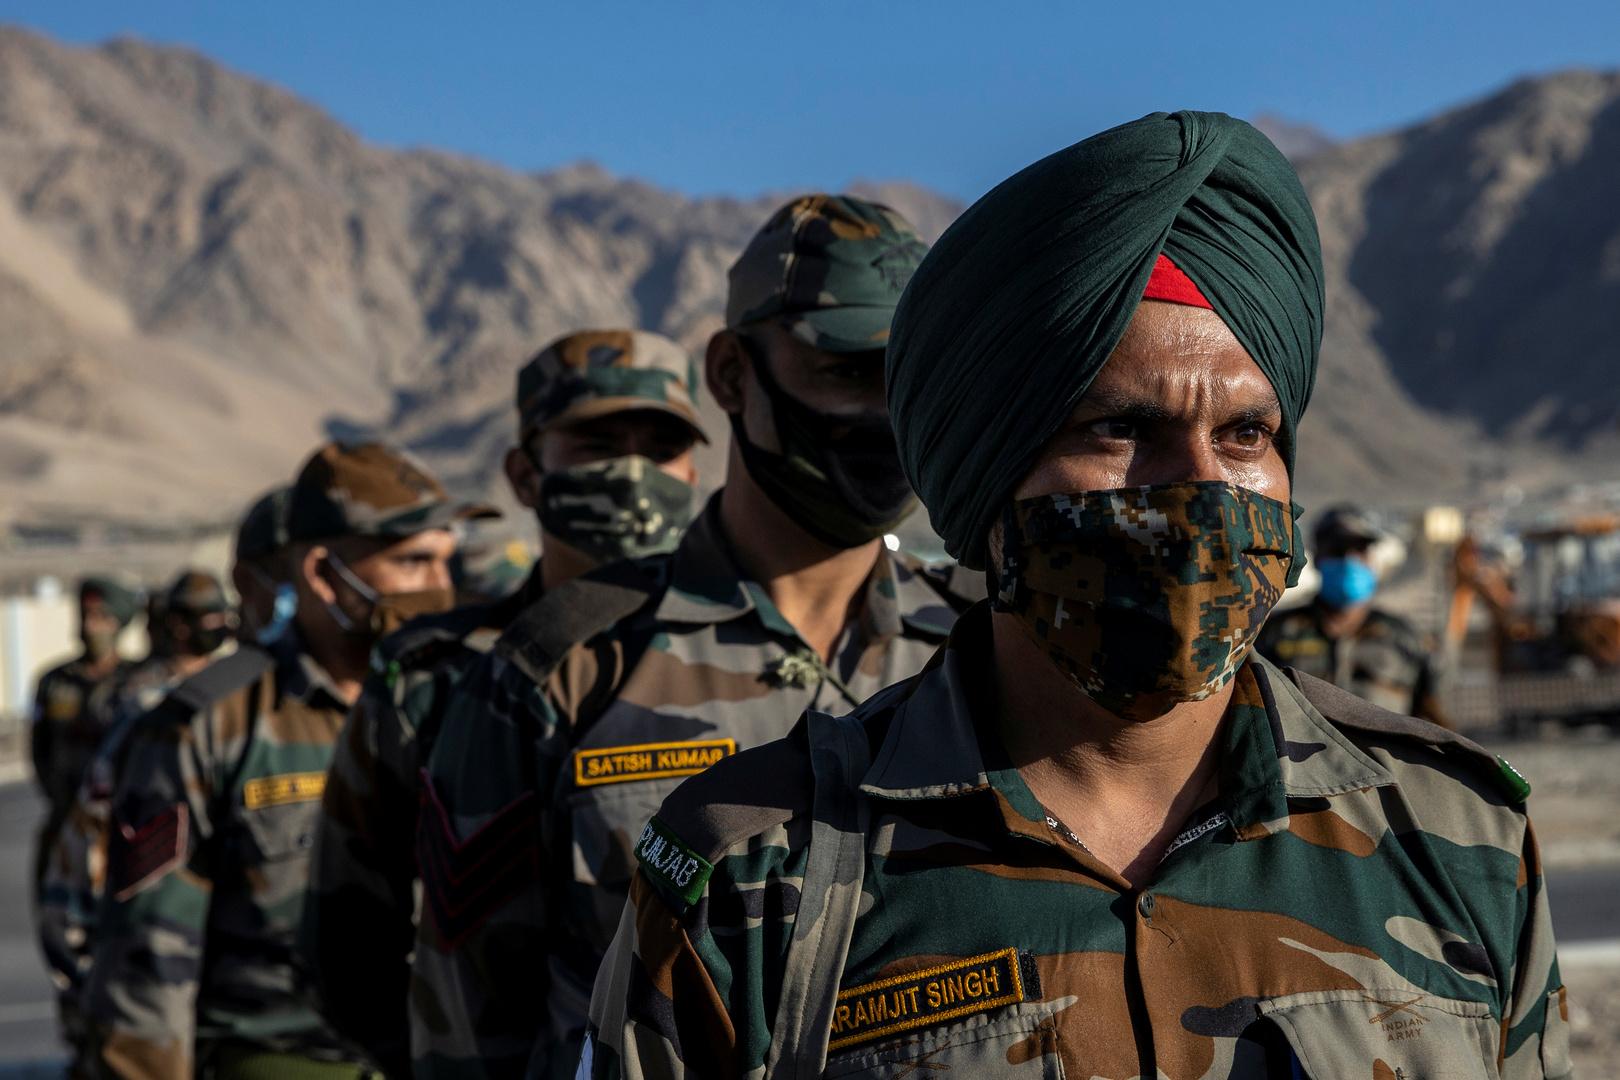 الهند تعيد إلى الصين جنديها المفقود منذ 4 أيام في شرق لاداخ الحدودية وبكين تثمن التعاون